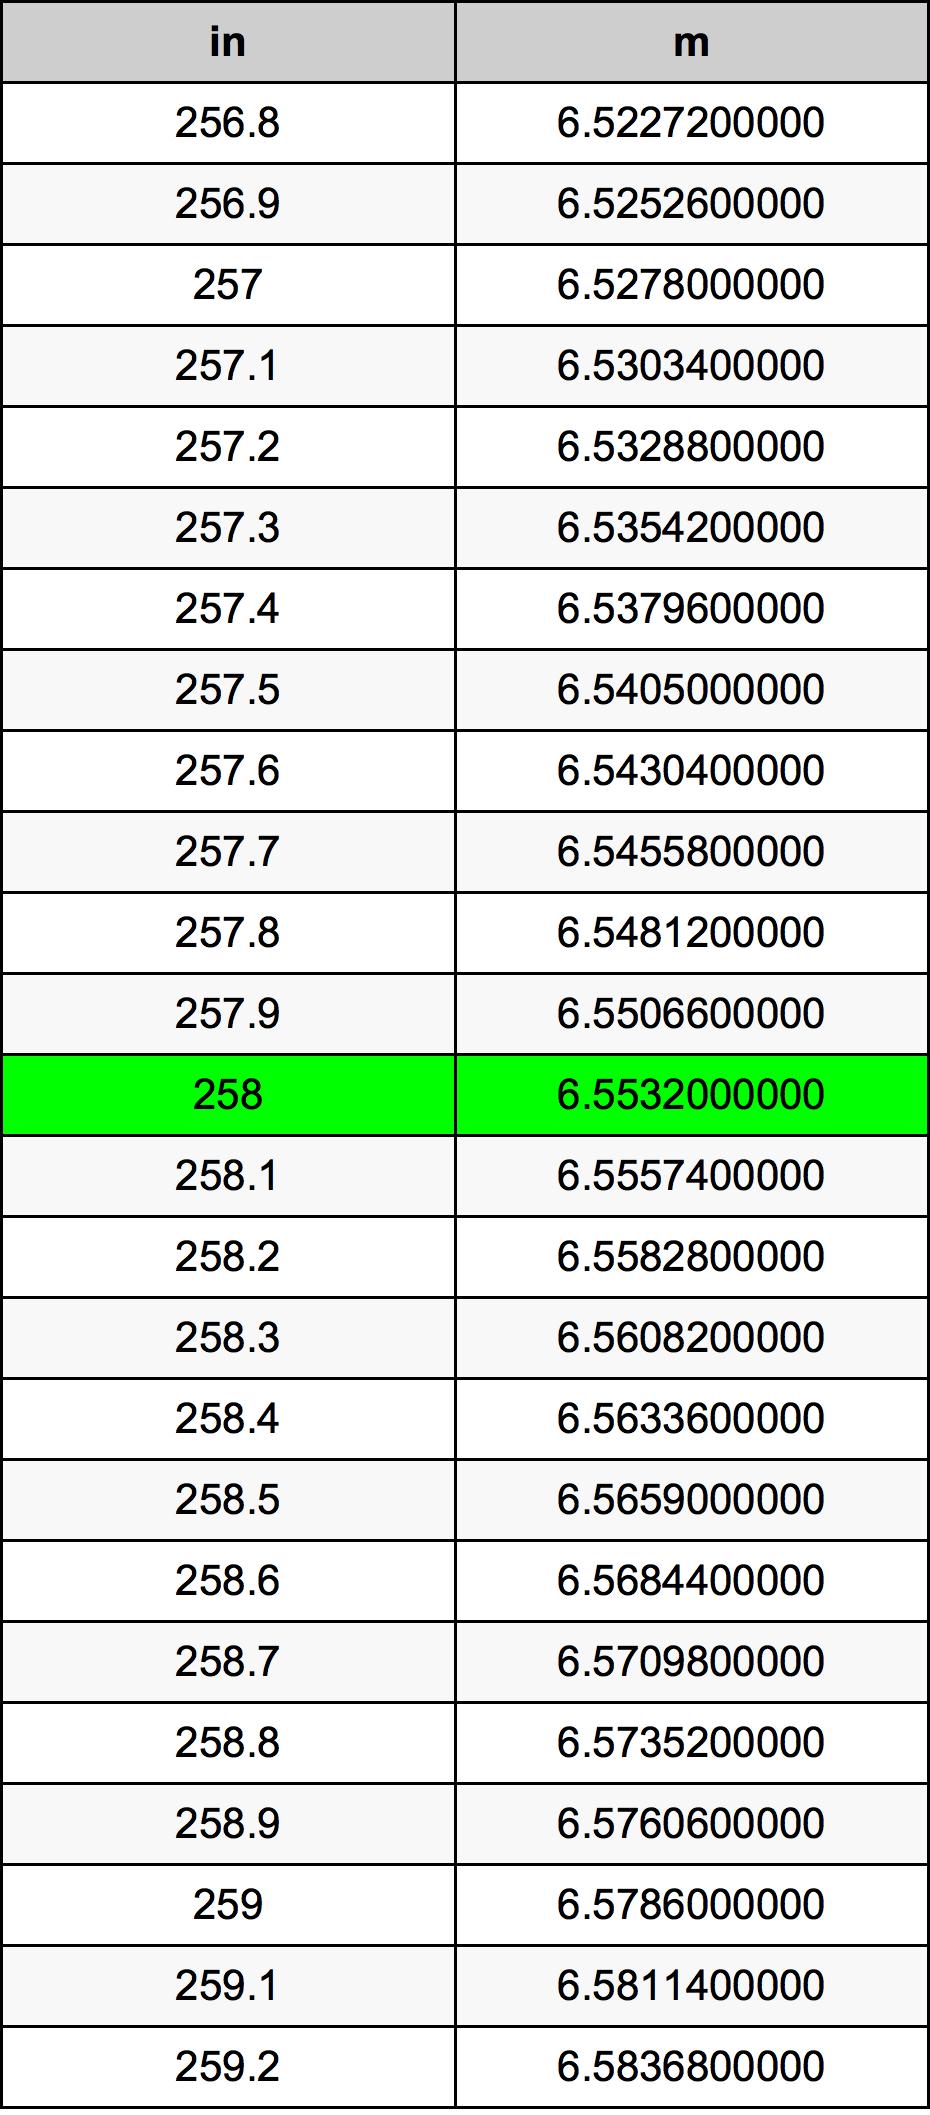 258 Pulzier konverżjoni tabella